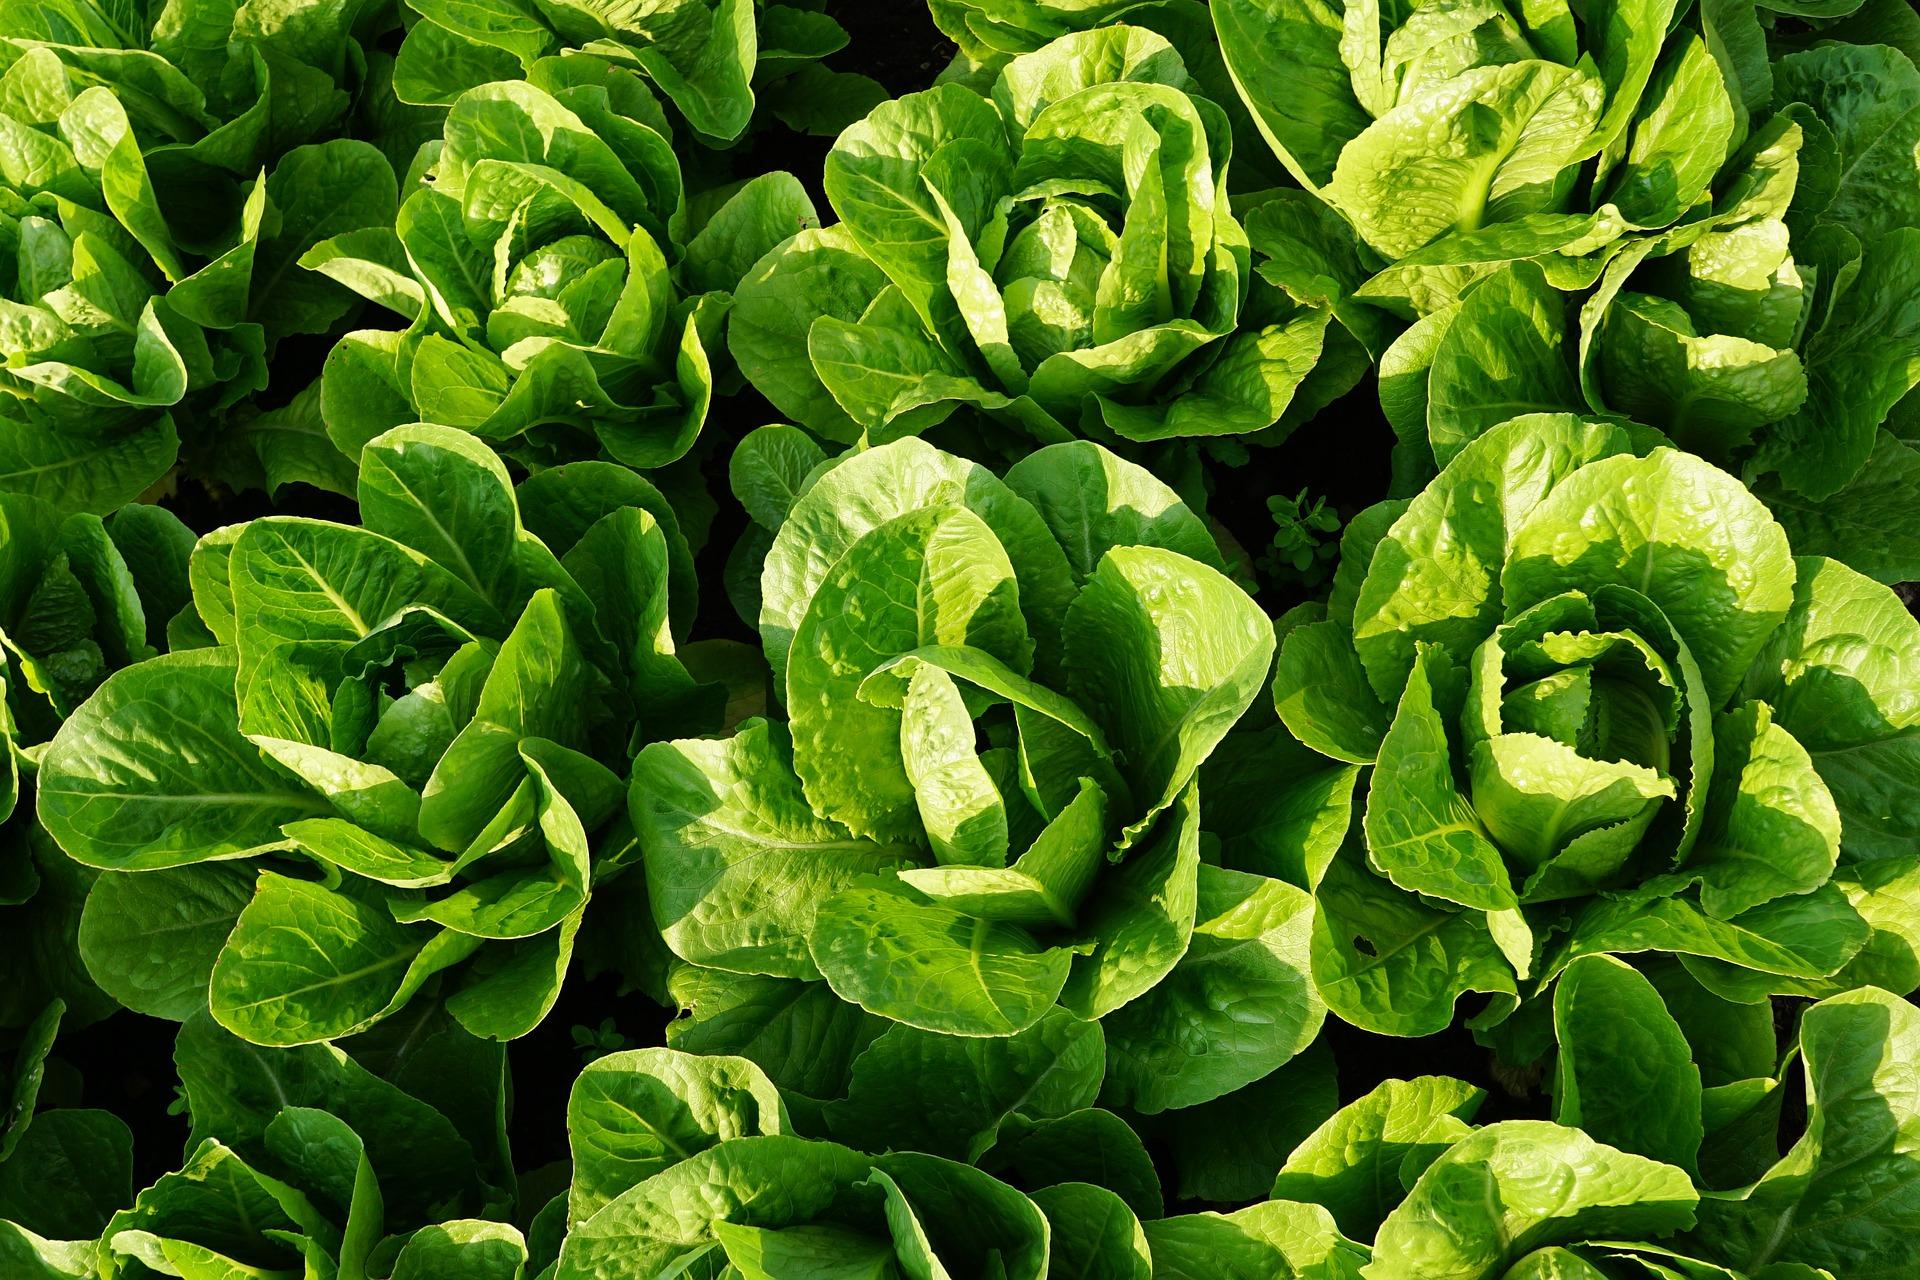 Grünes GEmüse ist gesund. Im Bild: Salat.